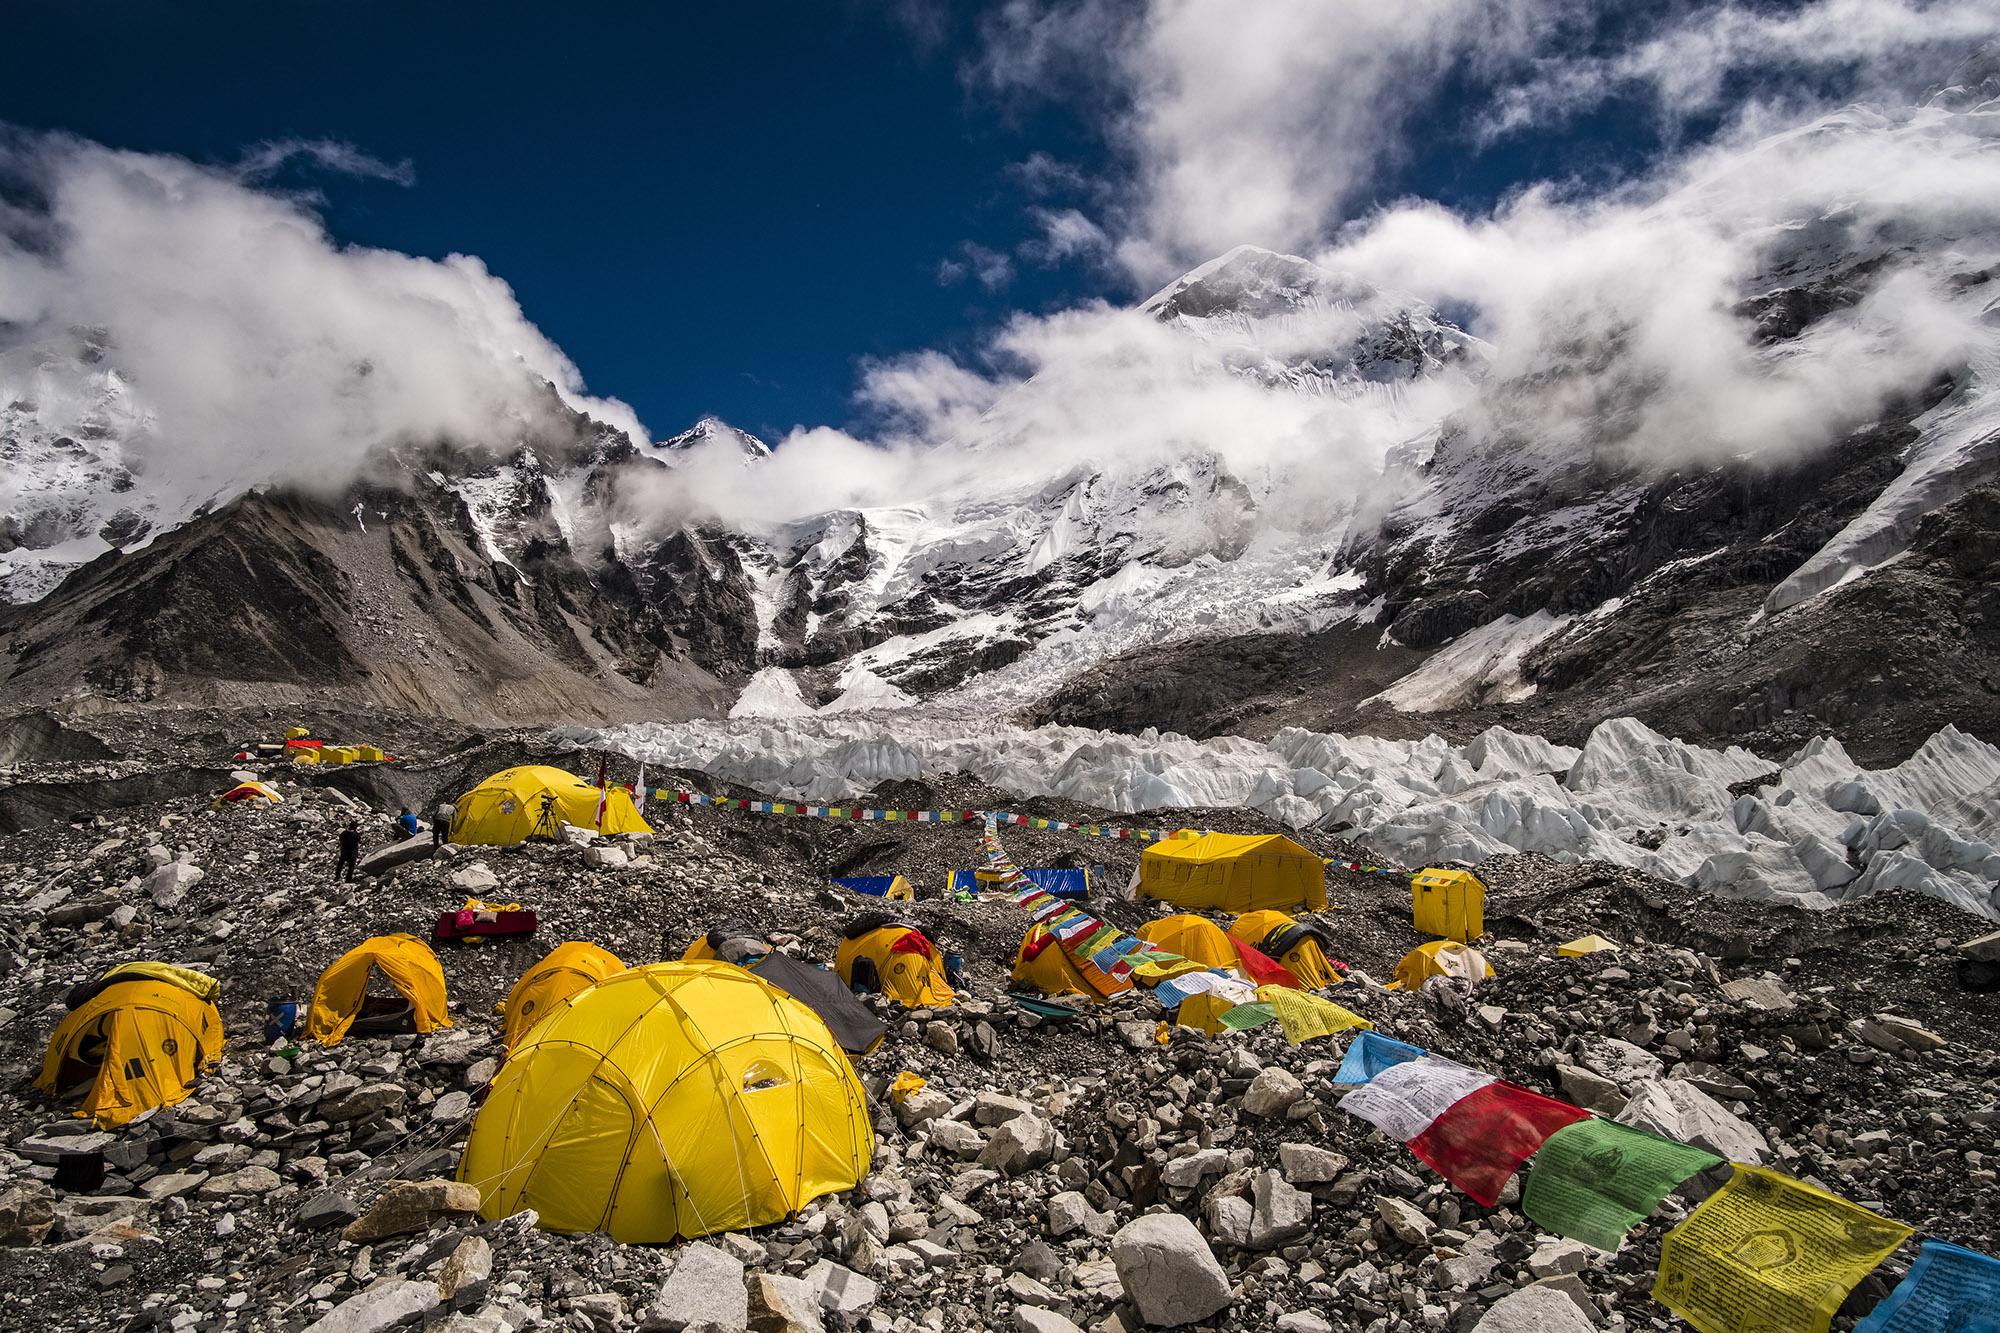 everest-base-camp-Sodha-Travel